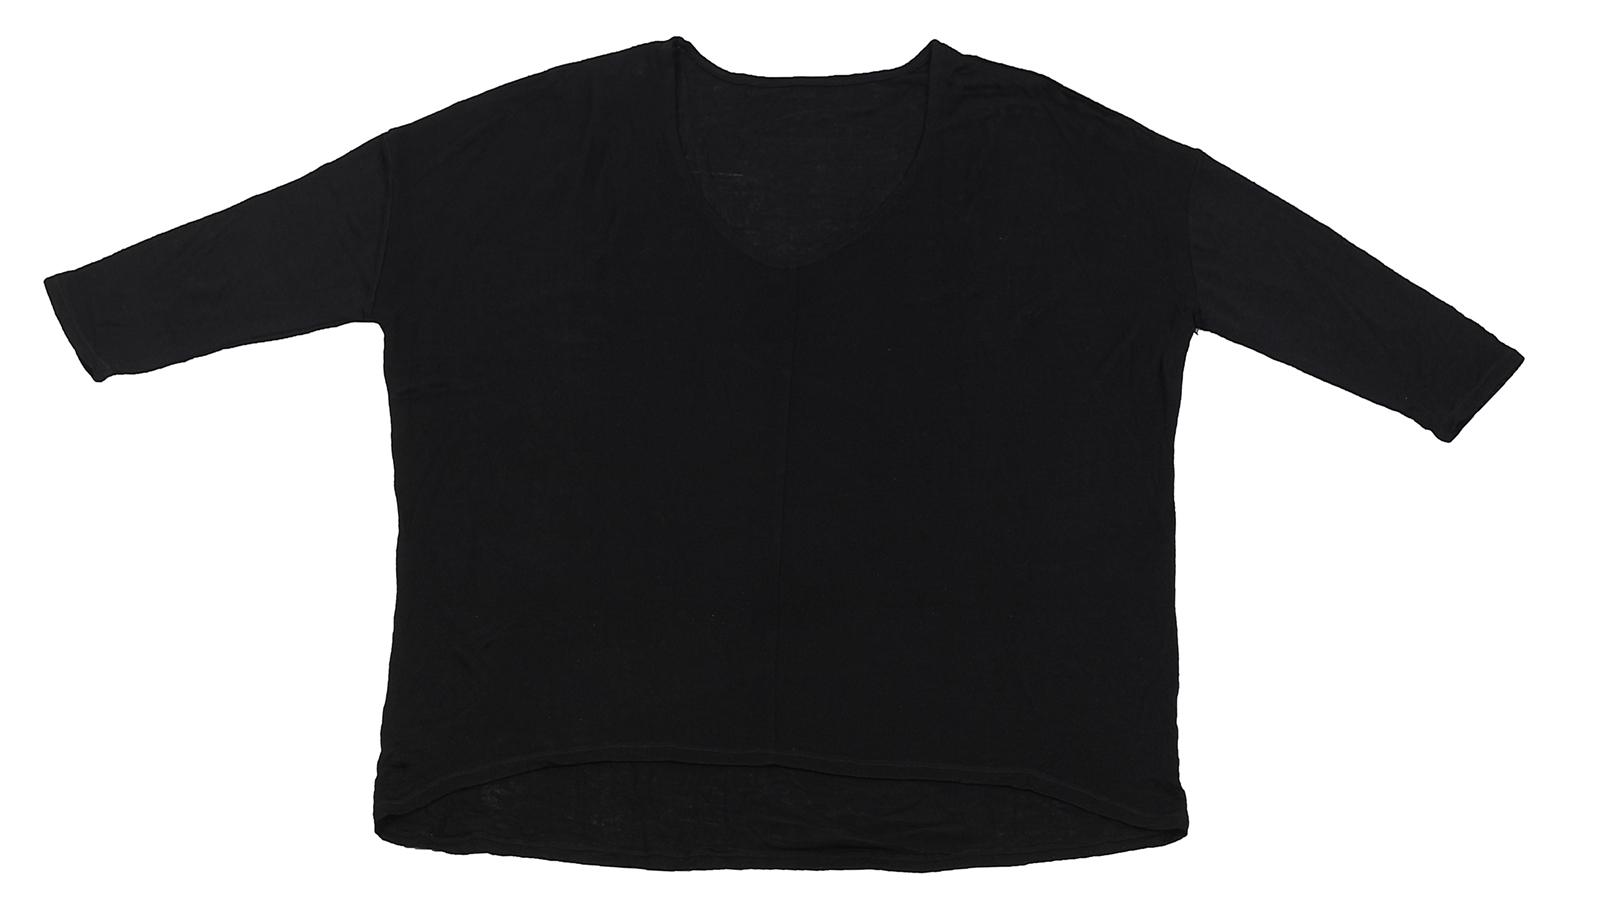 Черная кофточка модного дизайна от Karisma. Эксклюзив для стильных девушек!